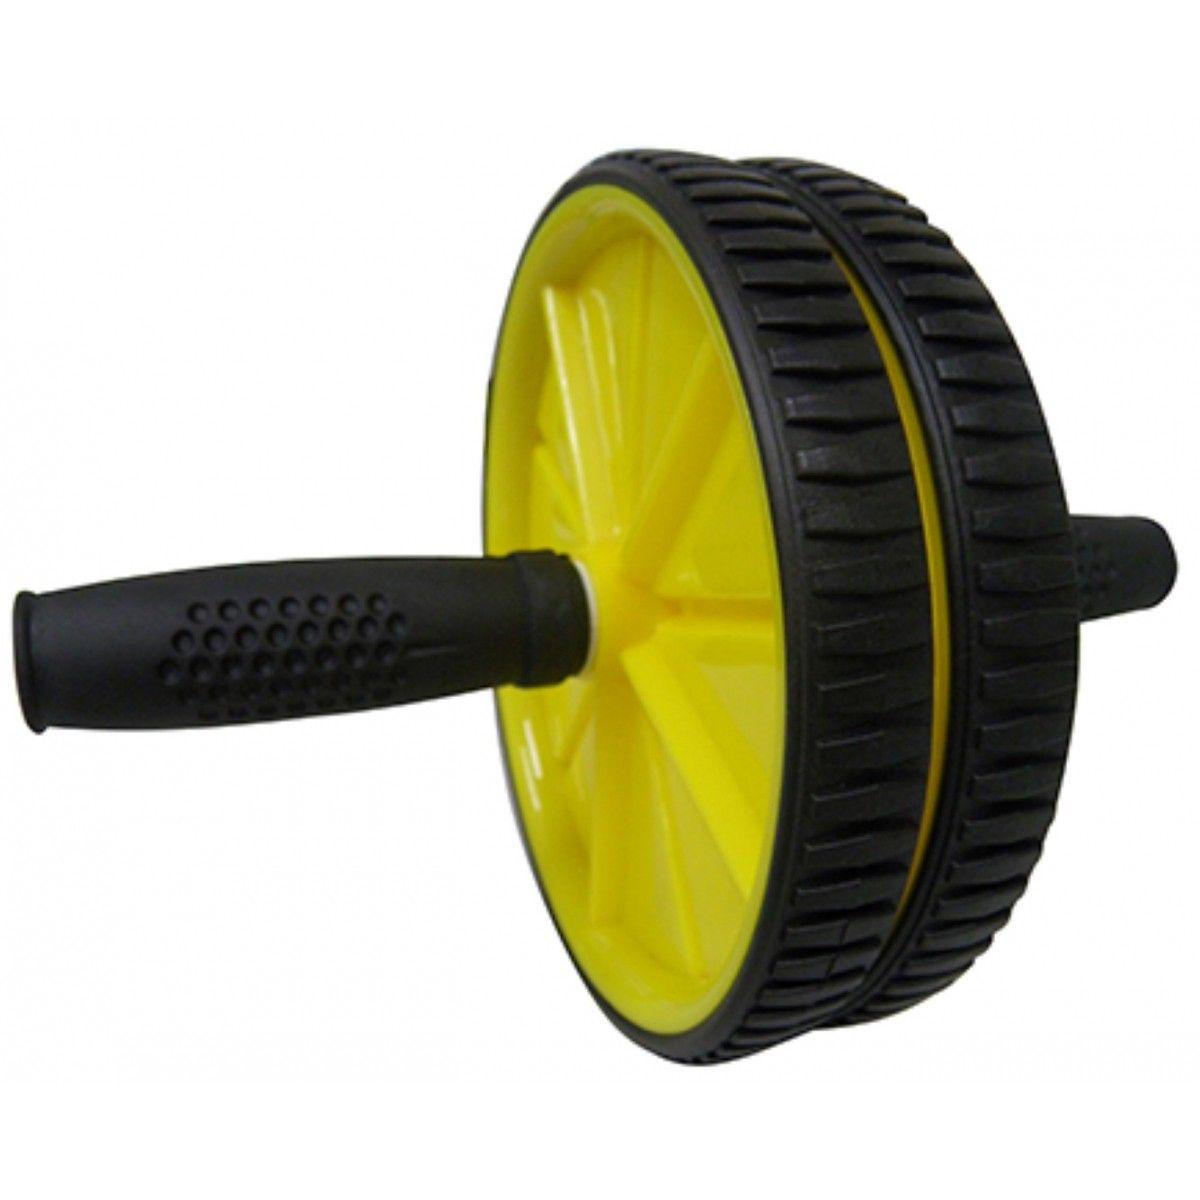 Rolo Roda Abdominal Exercicio Fisico Abdomem Musculo Amarelo (BSL-JS002)